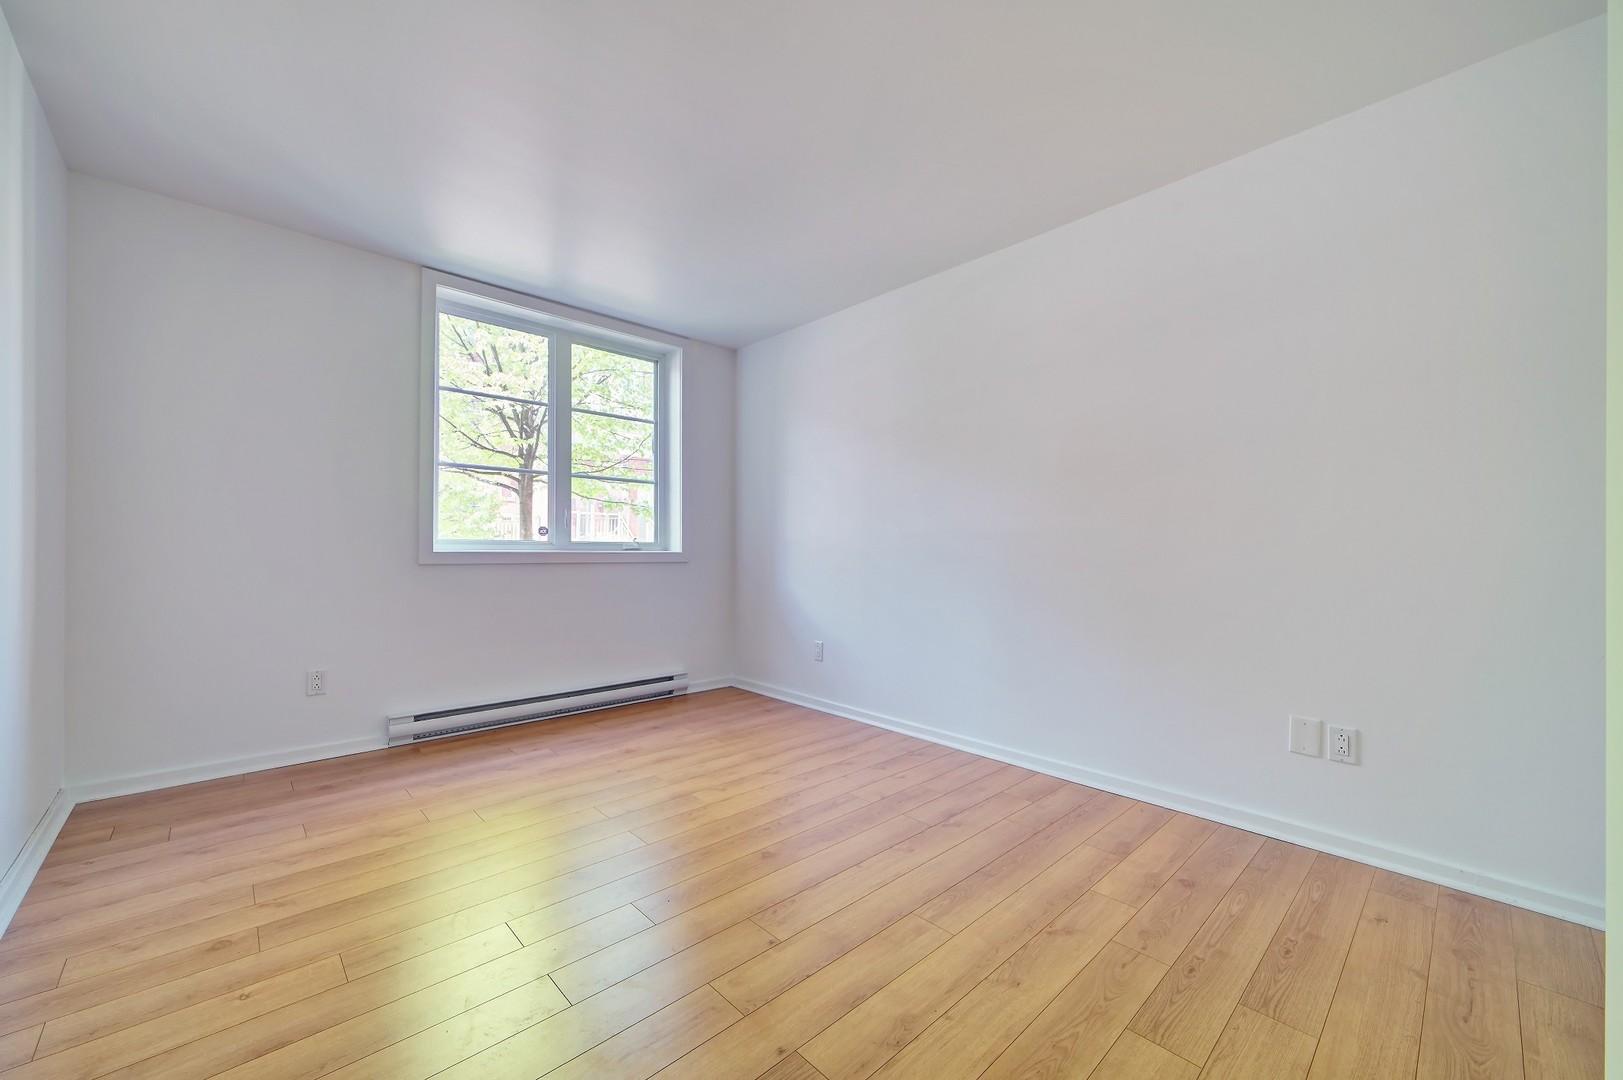 image 3 - Condo - For rent - Montréal  (Rivière-des-Prairies) - 4 rooms